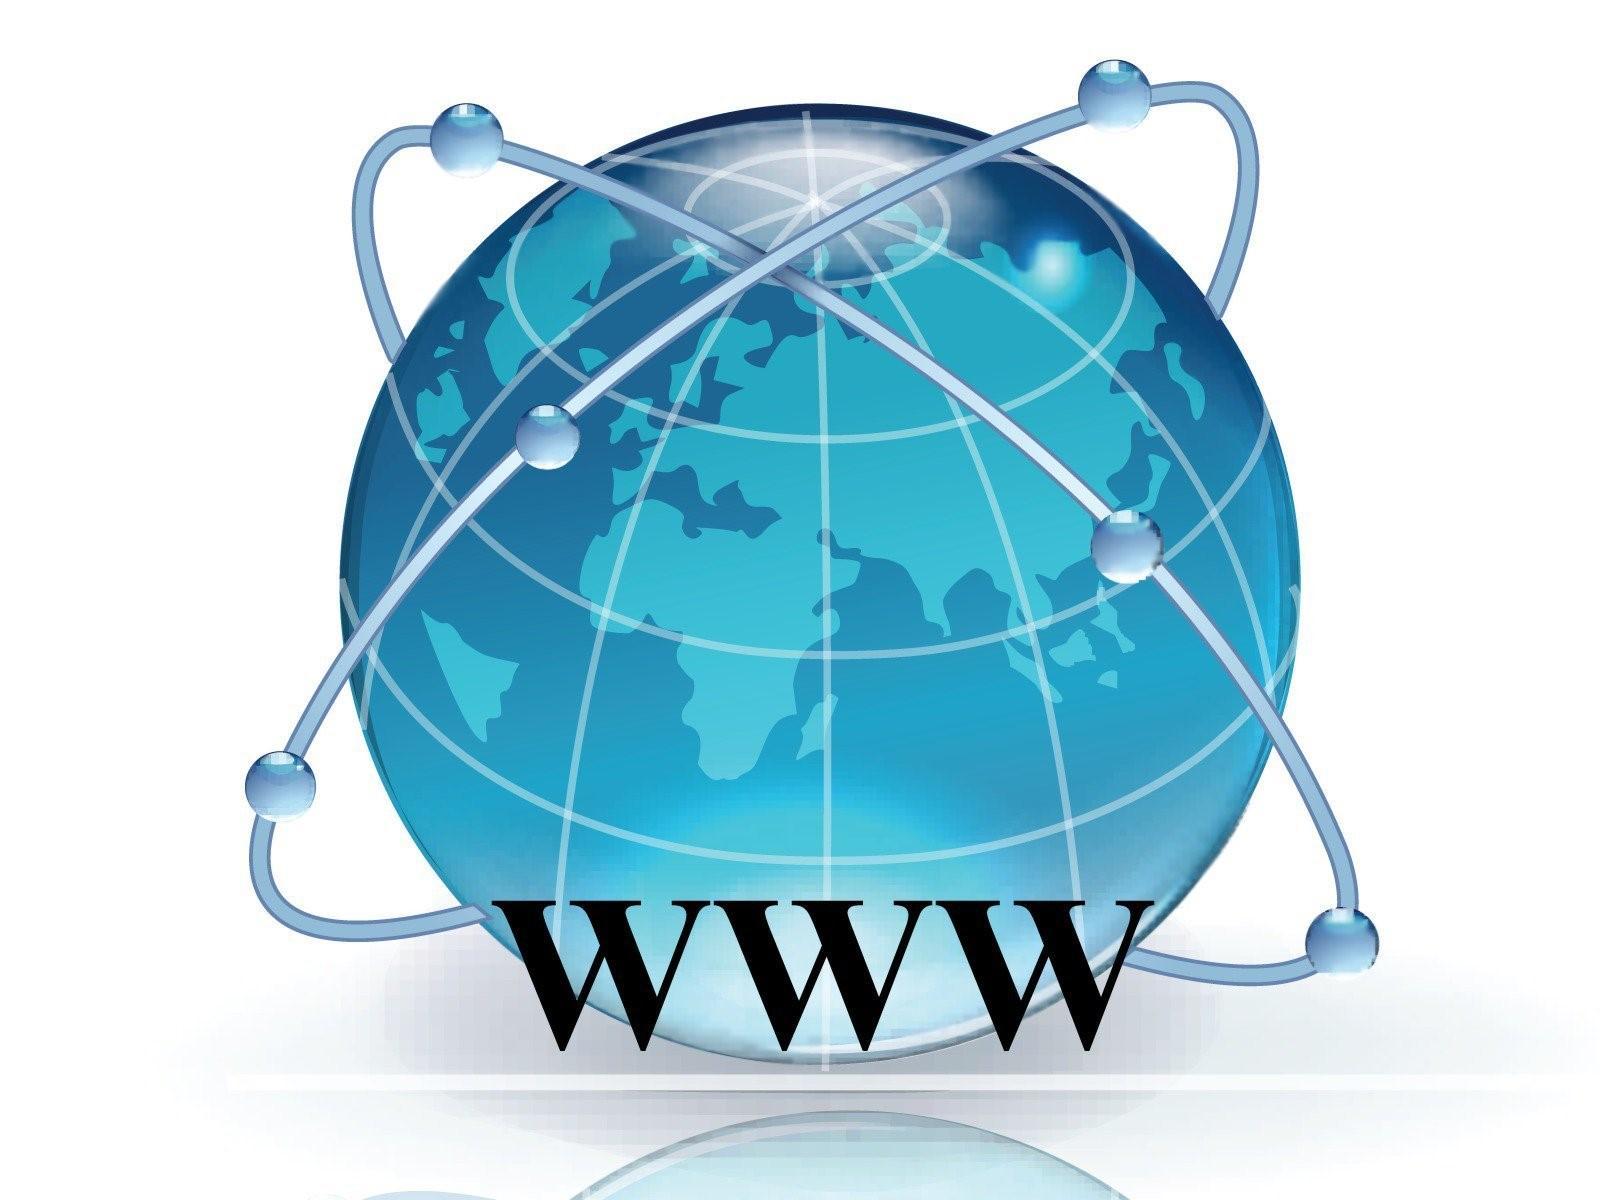 WWW – это что и зачем